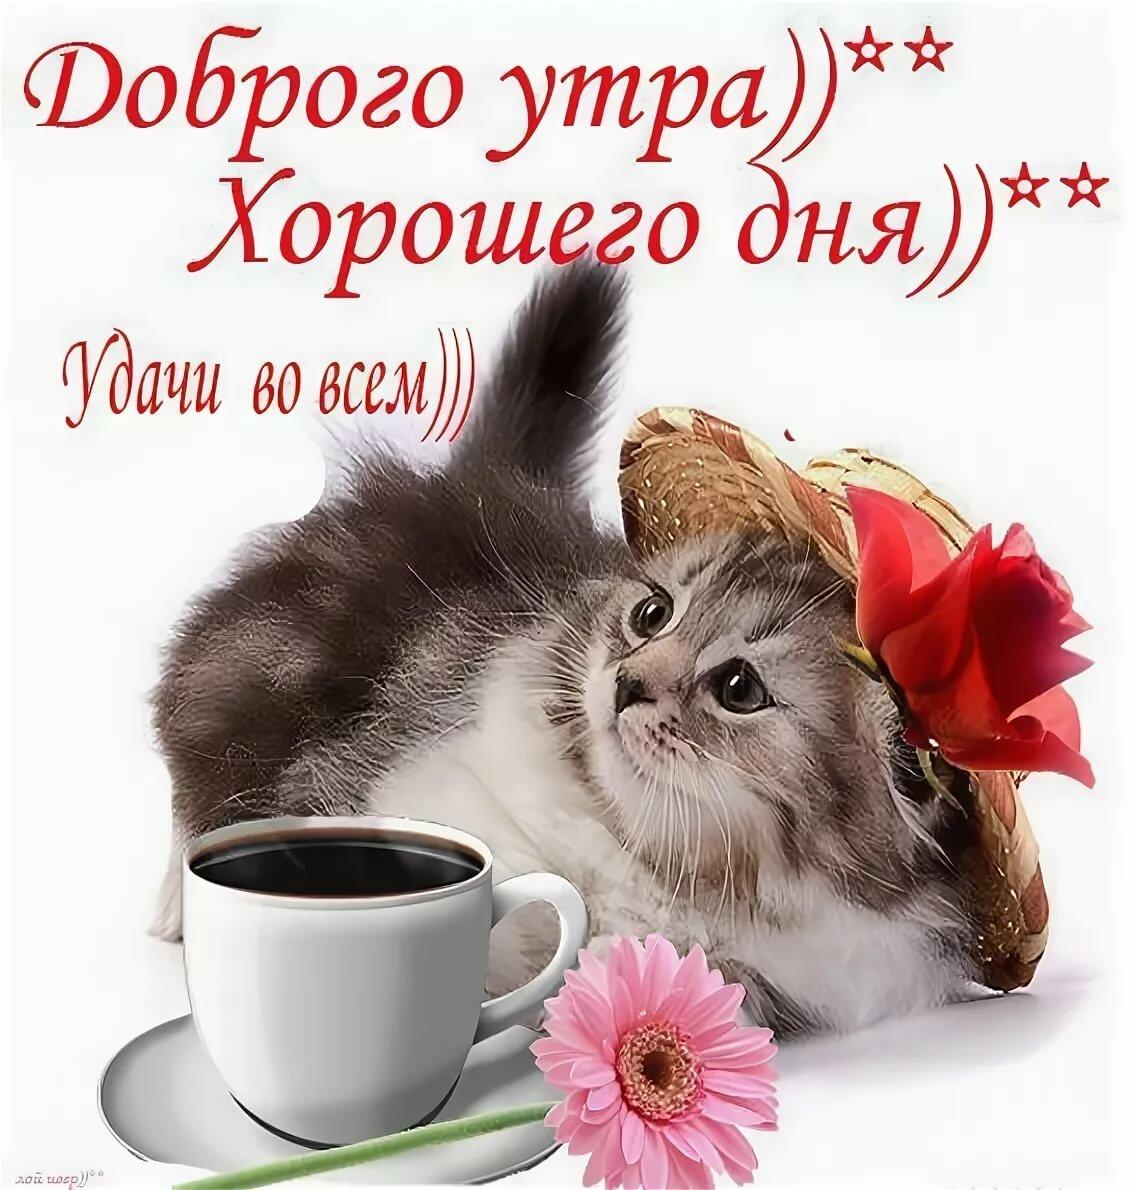 заказать прикольные картинки пожелания доброго утра и прекрасного дня она